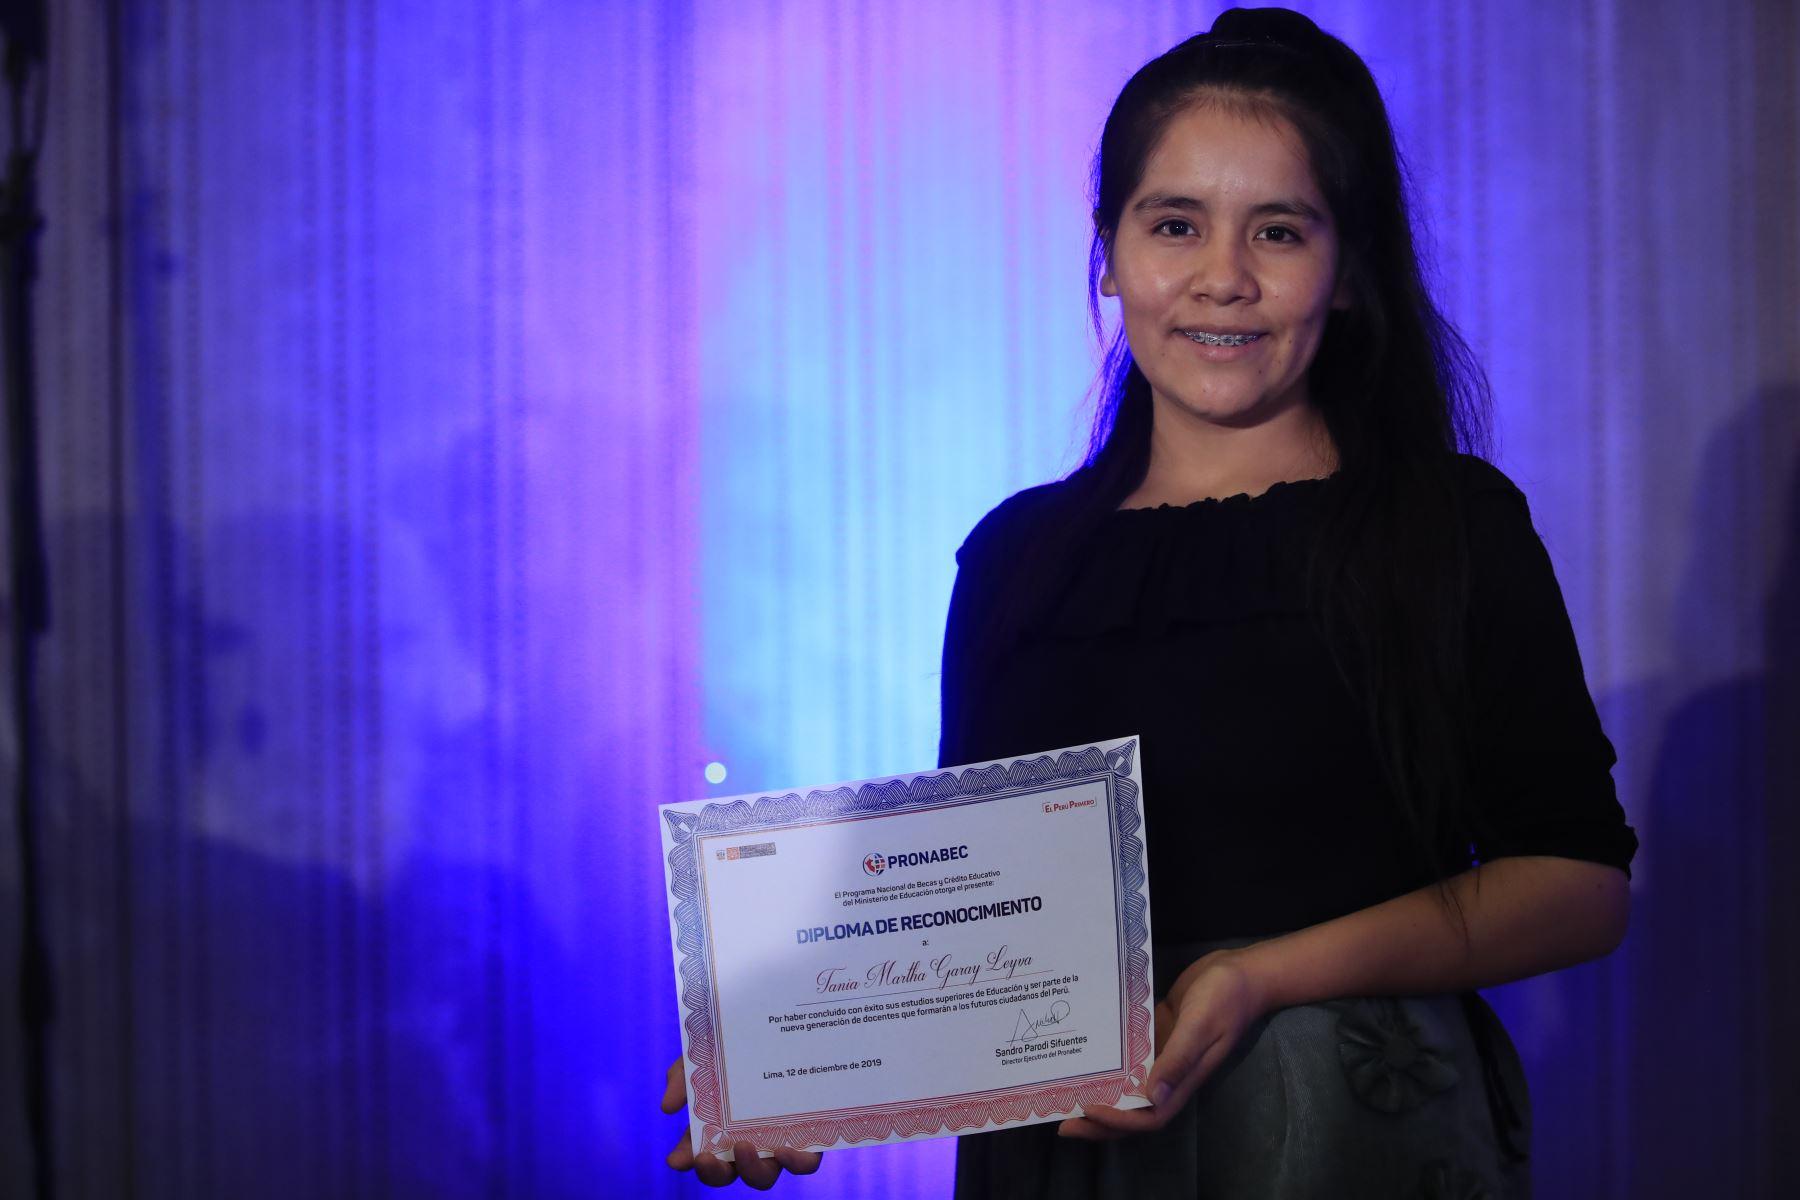 Martha Garay, egresada reconocida por Pronabec tras concluir sus estudios de Educación  Foto: Andina/Juan Carlos Guzmán Negrini